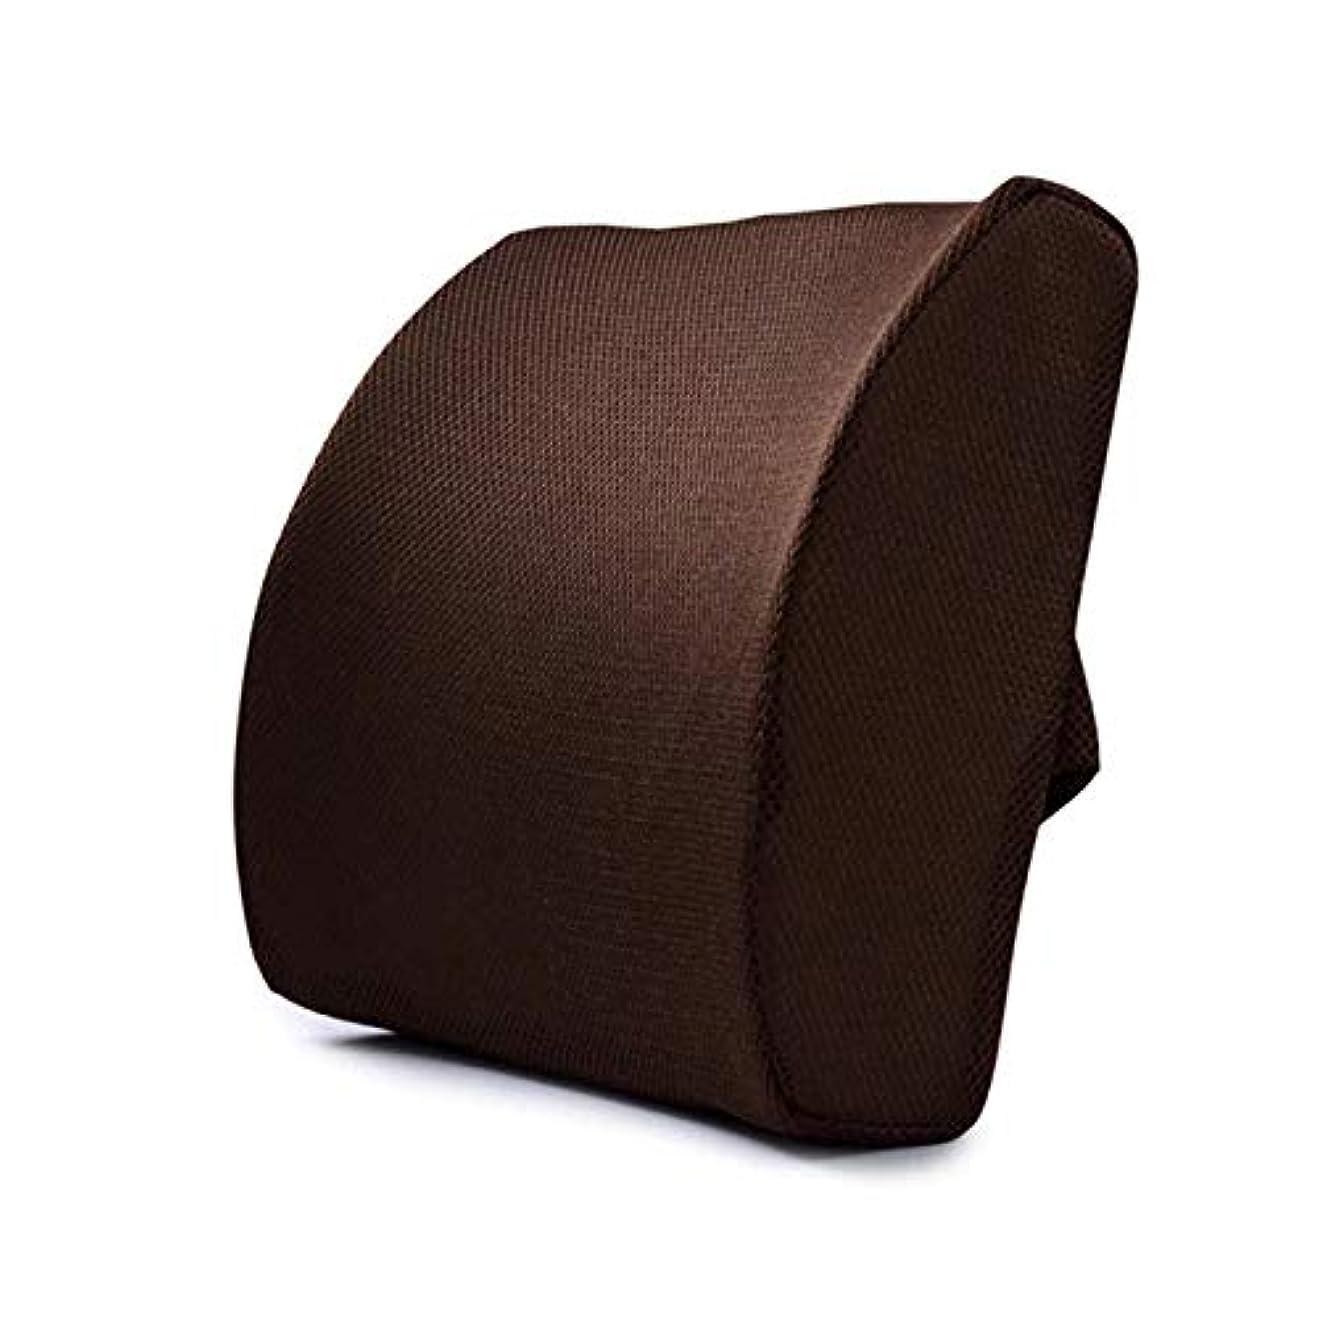 少ない火山学者愛人LIFE ホームオフィス背もたれ椅子腰椎クッションカーシートネック枕 3D 低反発サポートバックマッサージウエストレスリビング枕 クッション 椅子